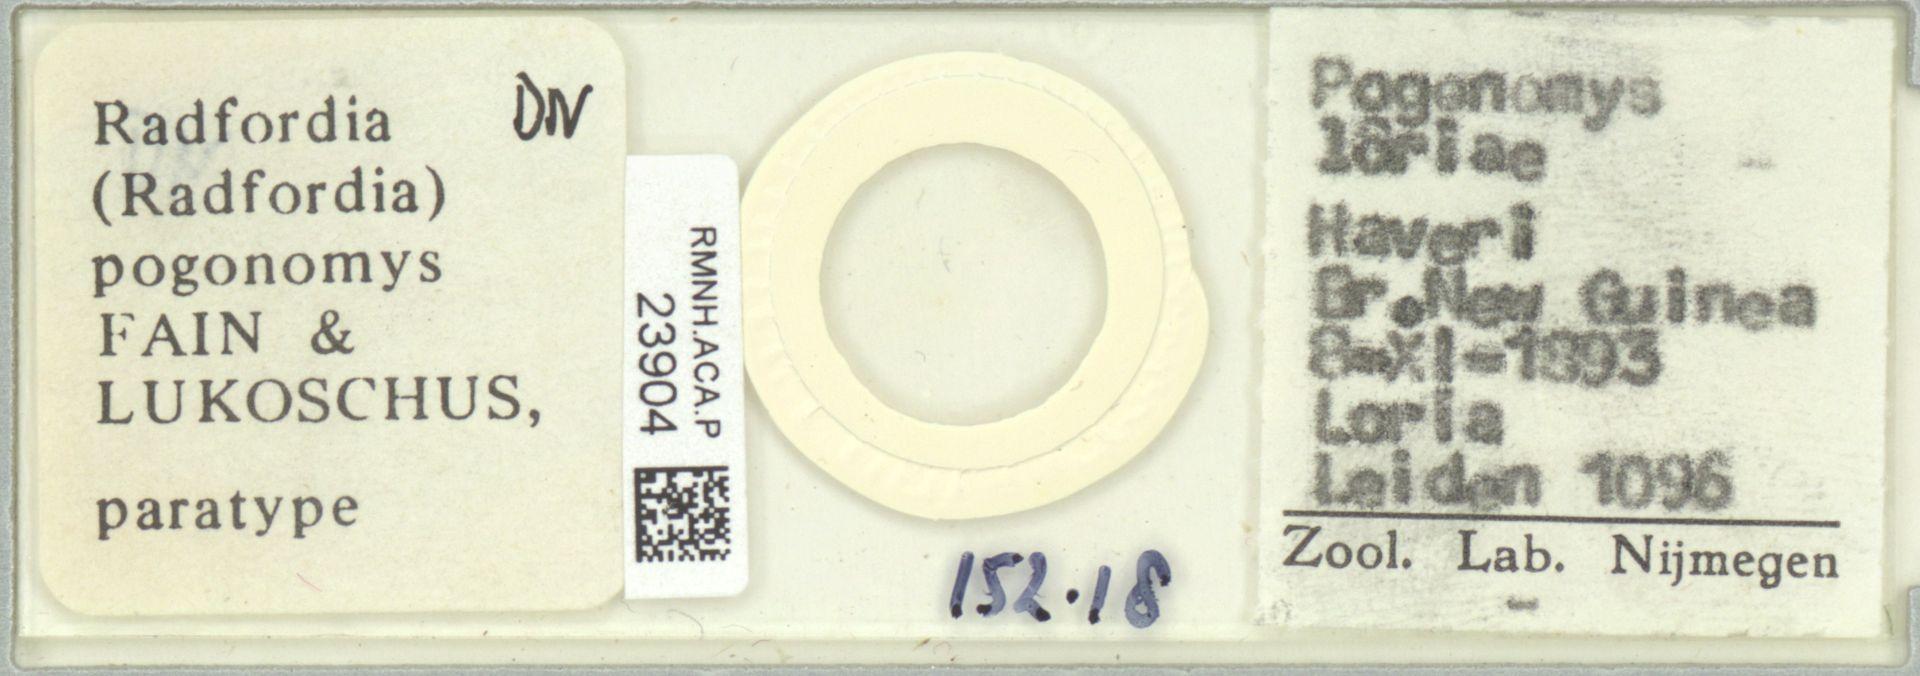 RMNH.ACA.P.23904 | Radfordia (Radfordia) pogonomys Fain & Lukoschus